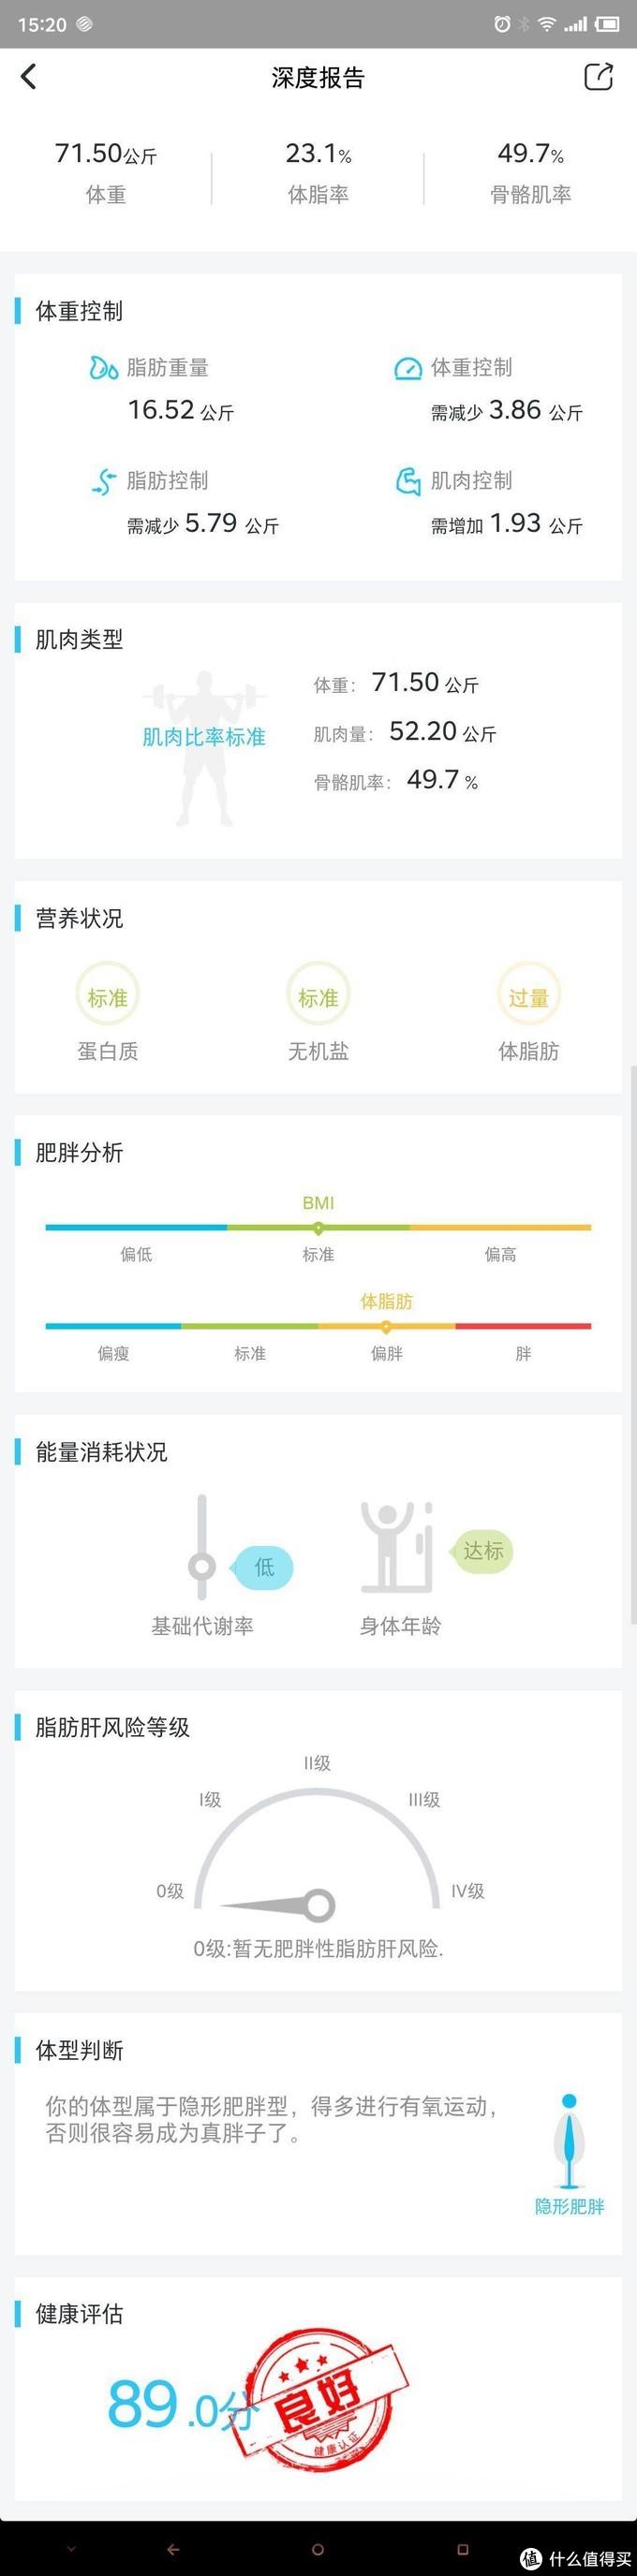 健康管理好帮手 — 云康宝mini+智能体脂秤体验分享